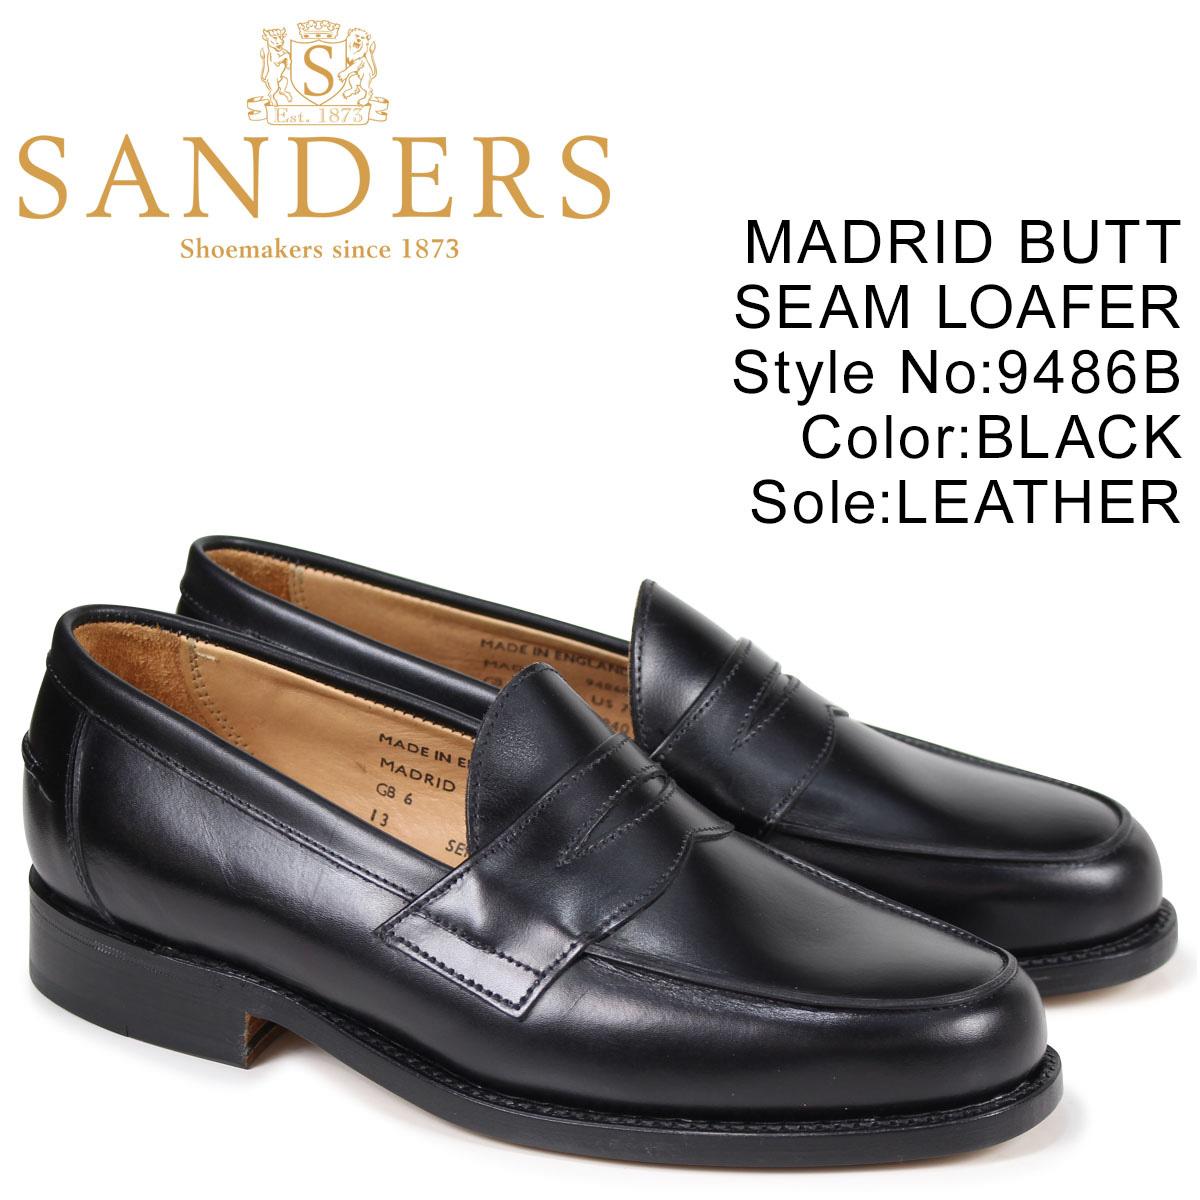 サンダース、MADRID BUTT SEAM